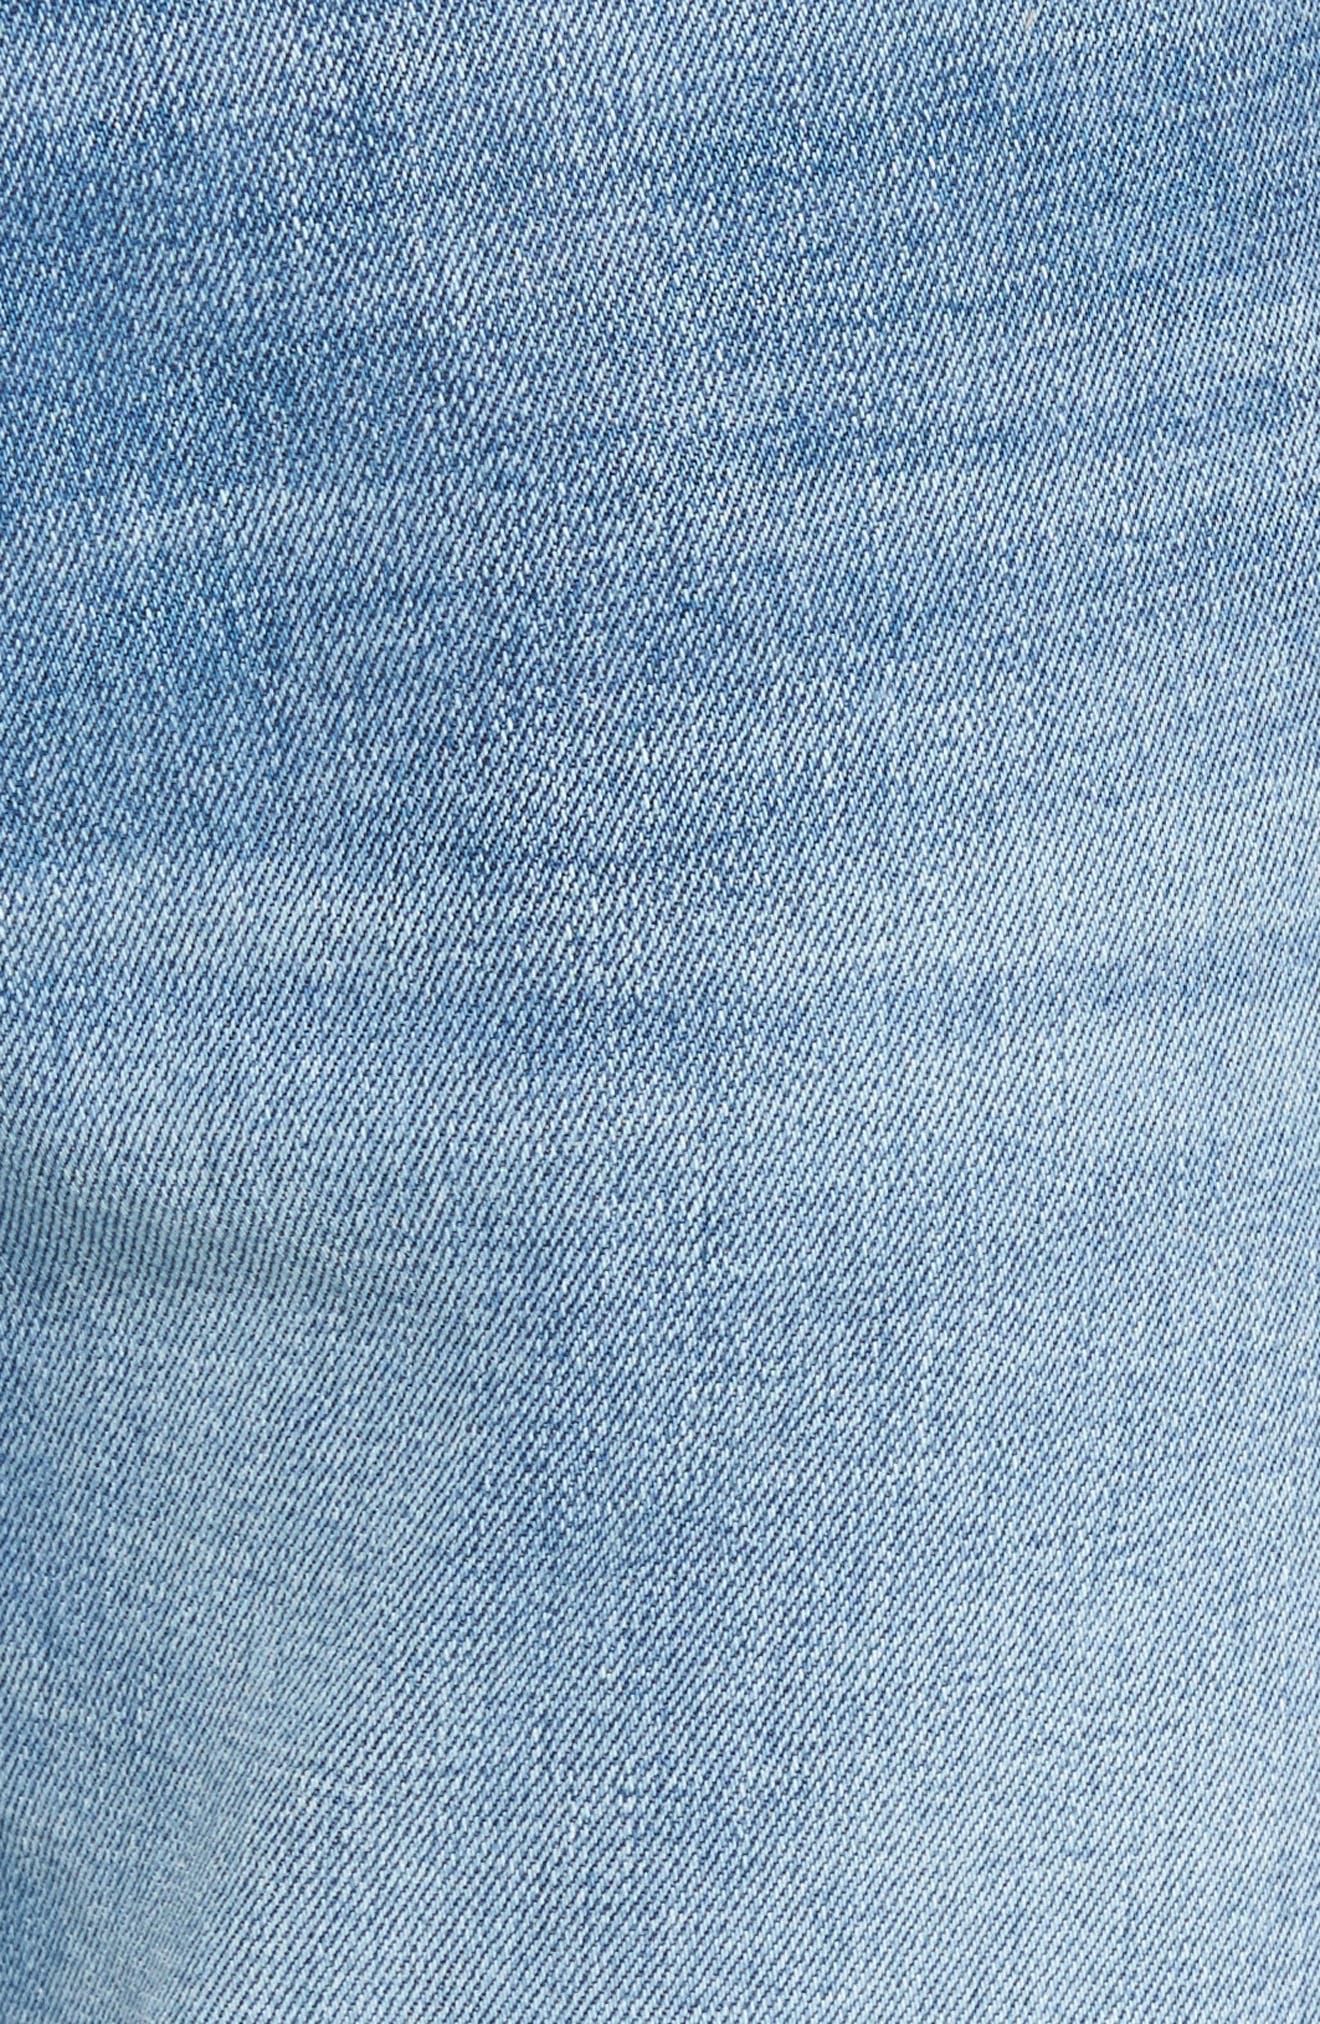 Alternate Image 5  - Vigoss Slim Straight Leg Jeans (Light Wash)